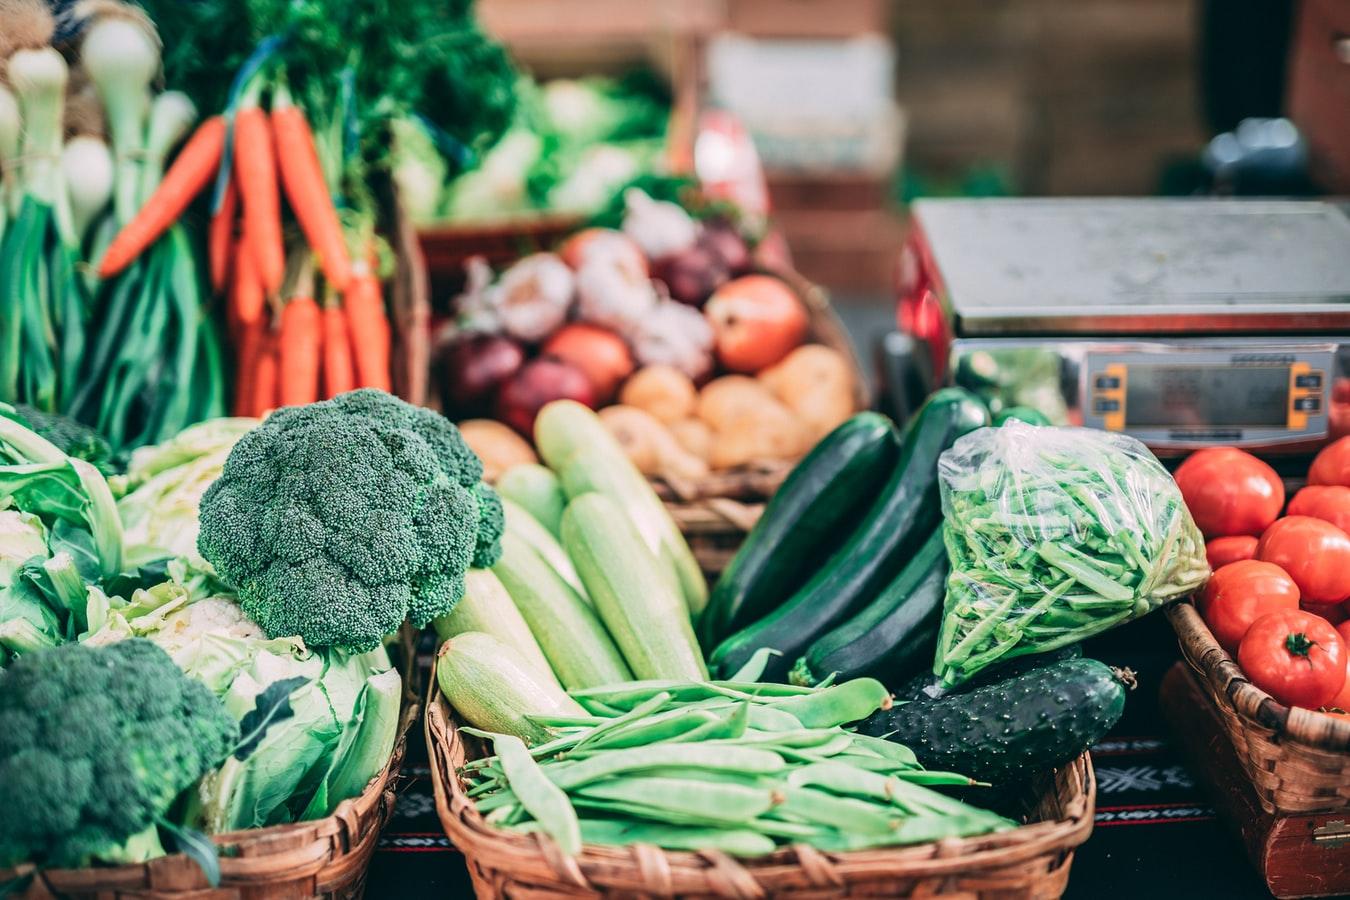 Des légumes dans un commerce.